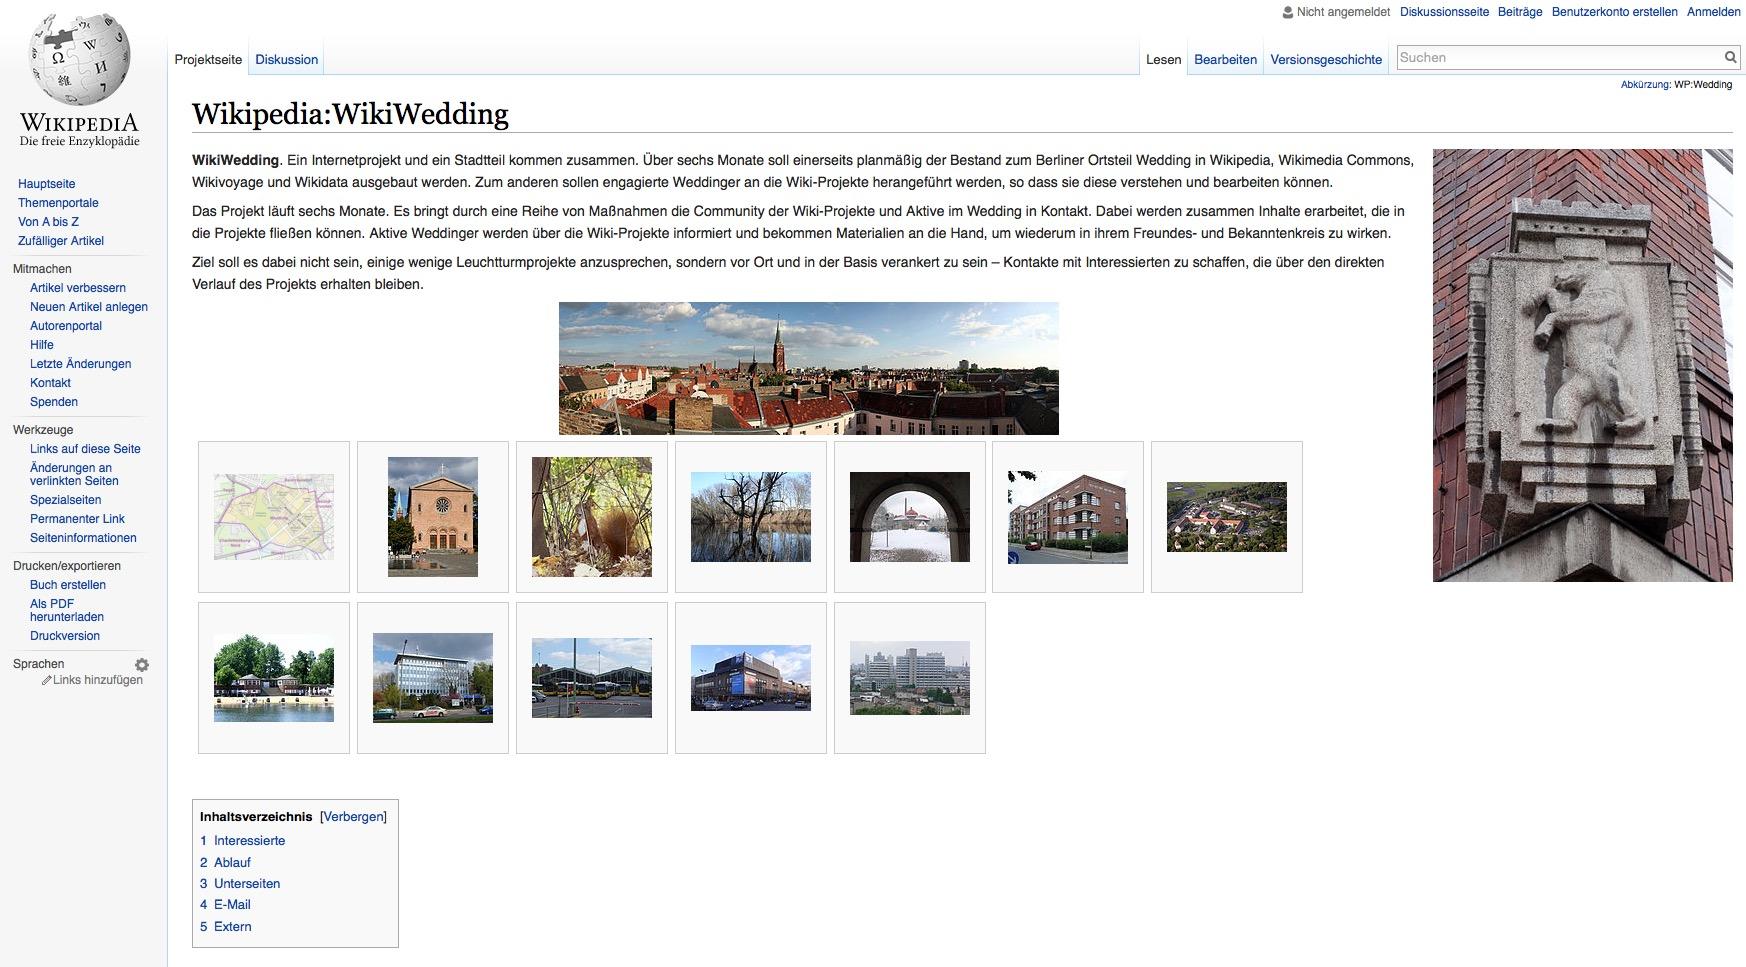 WikiWedding-Projekt